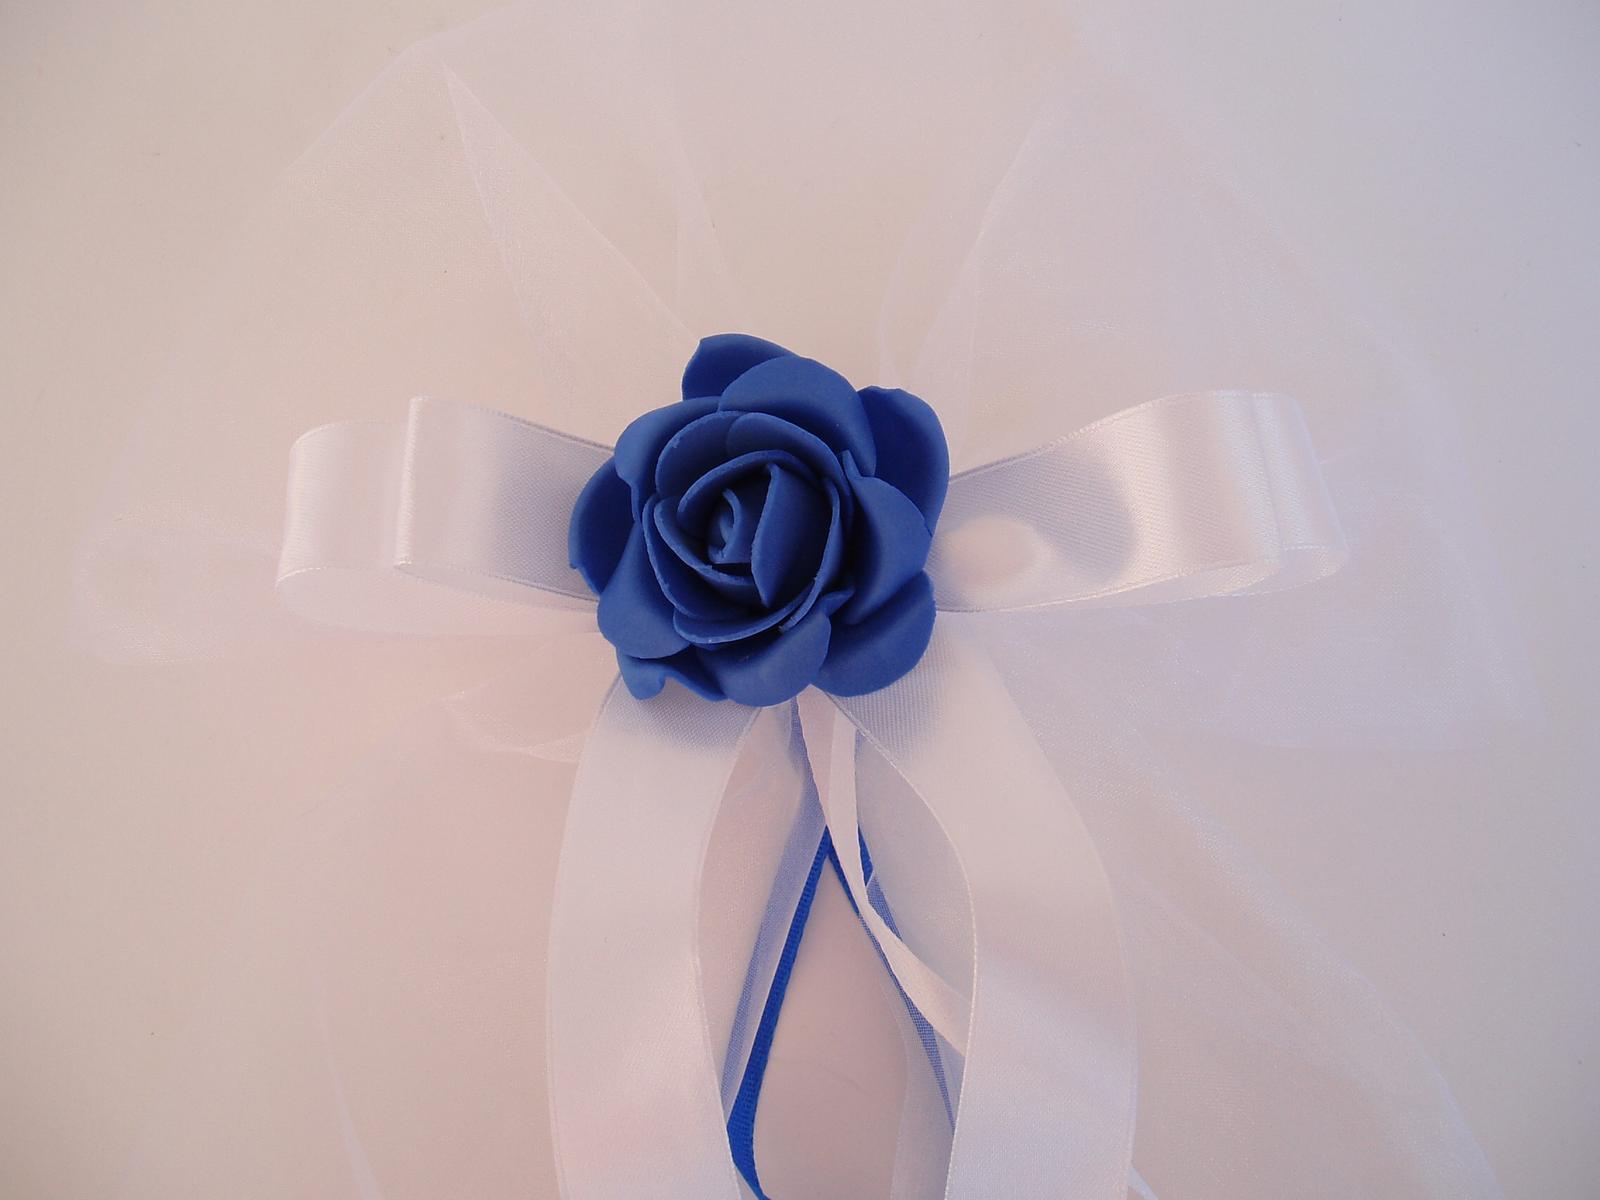 mašle na zrcátka -modrá - Obrázek č. 4